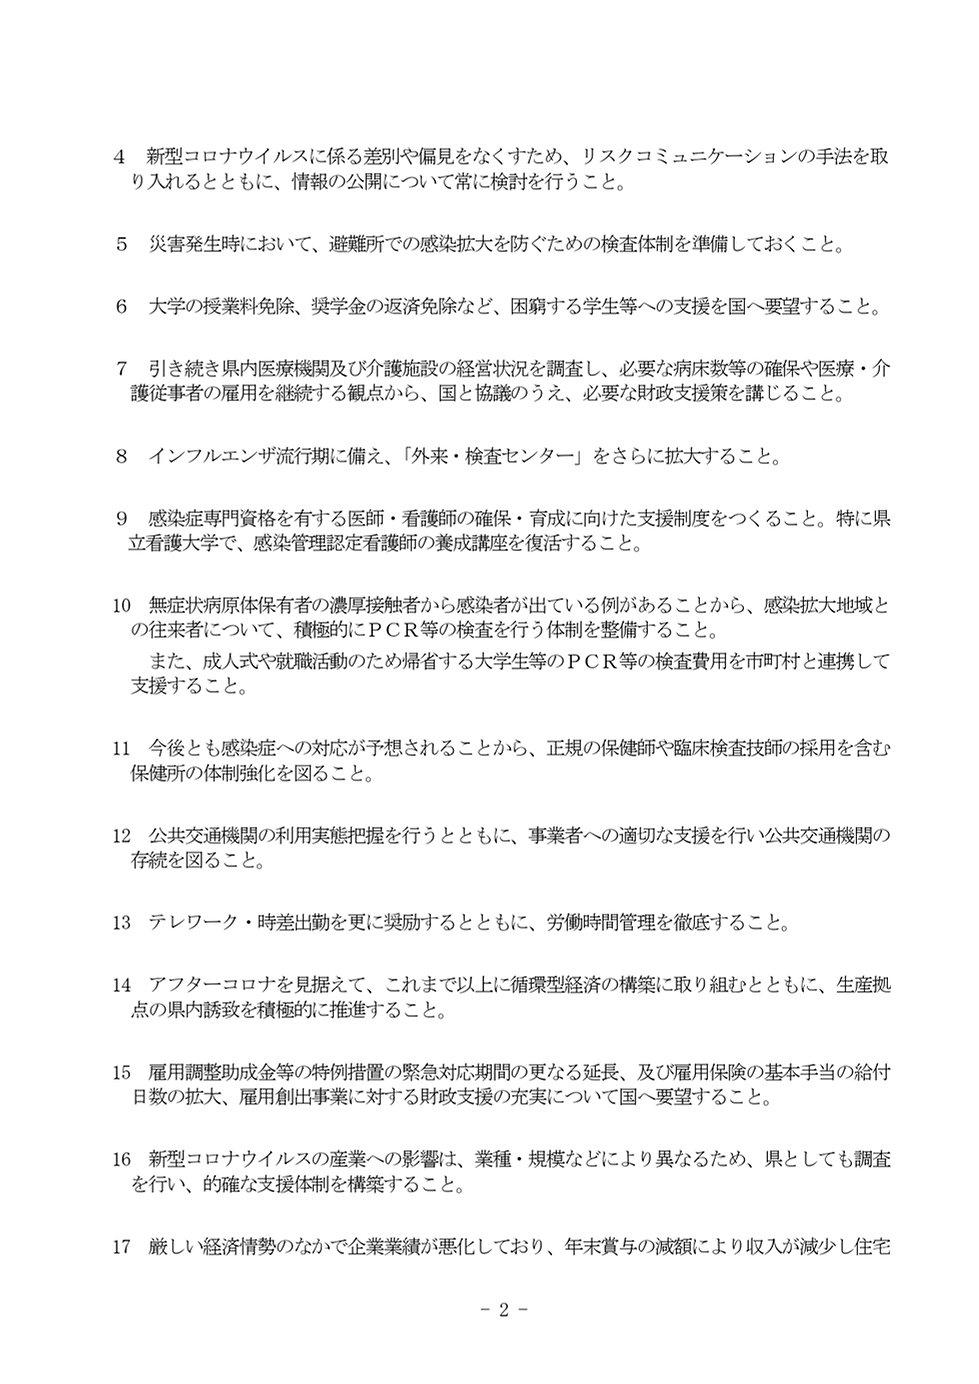 令和3年度予算編成と当面の課題に関する提案書_page-0002.jpg